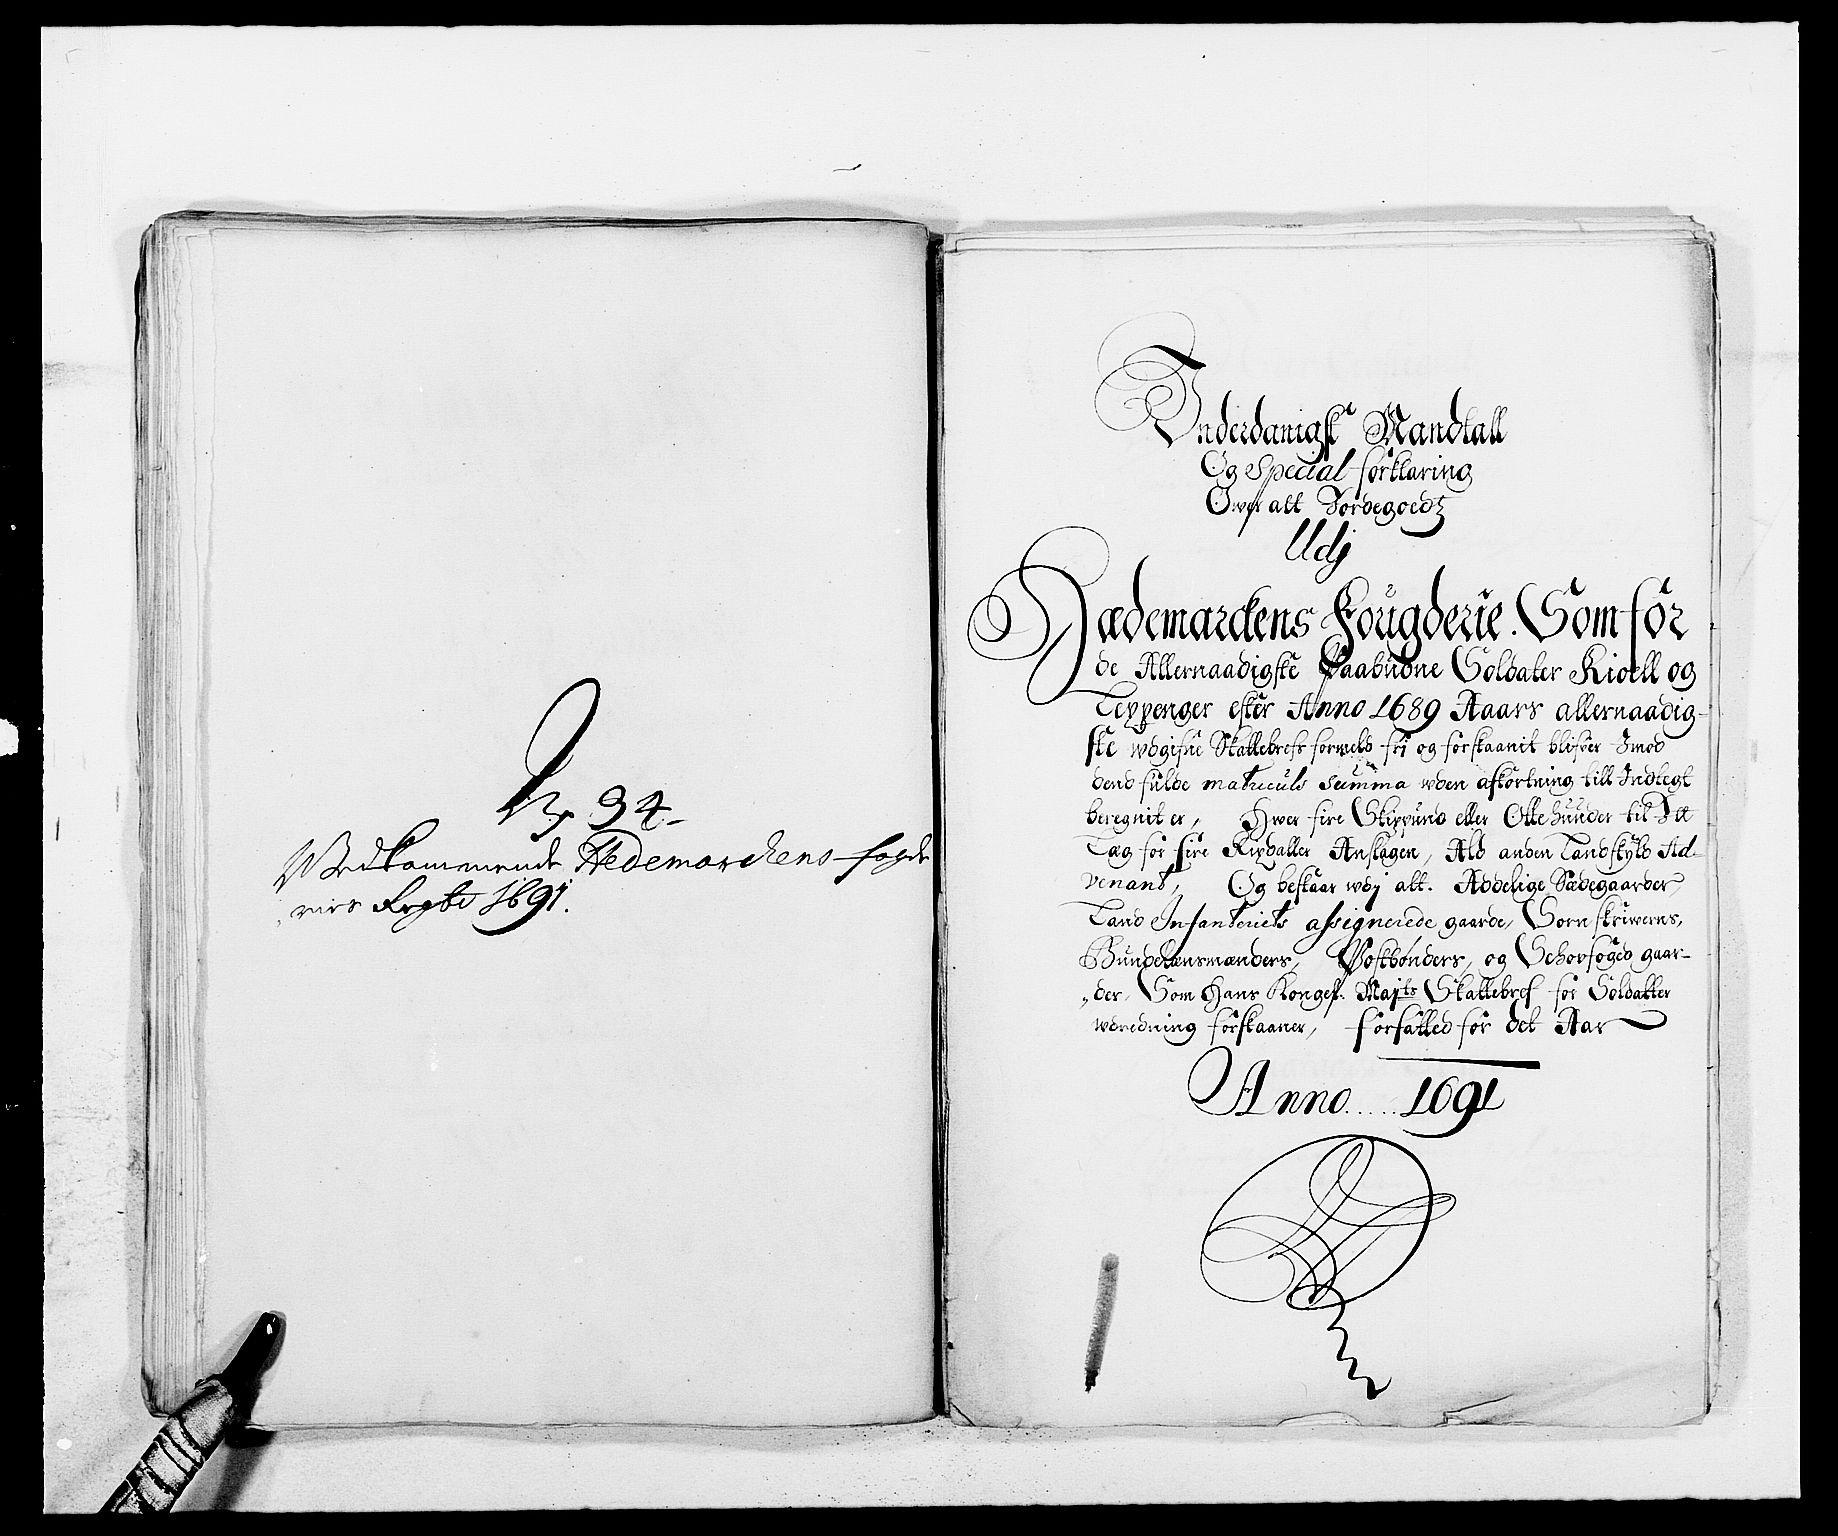 RA, Rentekammeret inntil 1814, Reviderte regnskaper, Fogderegnskap, R16/L1032: Fogderegnskap Hedmark, 1689-1692, s. 68